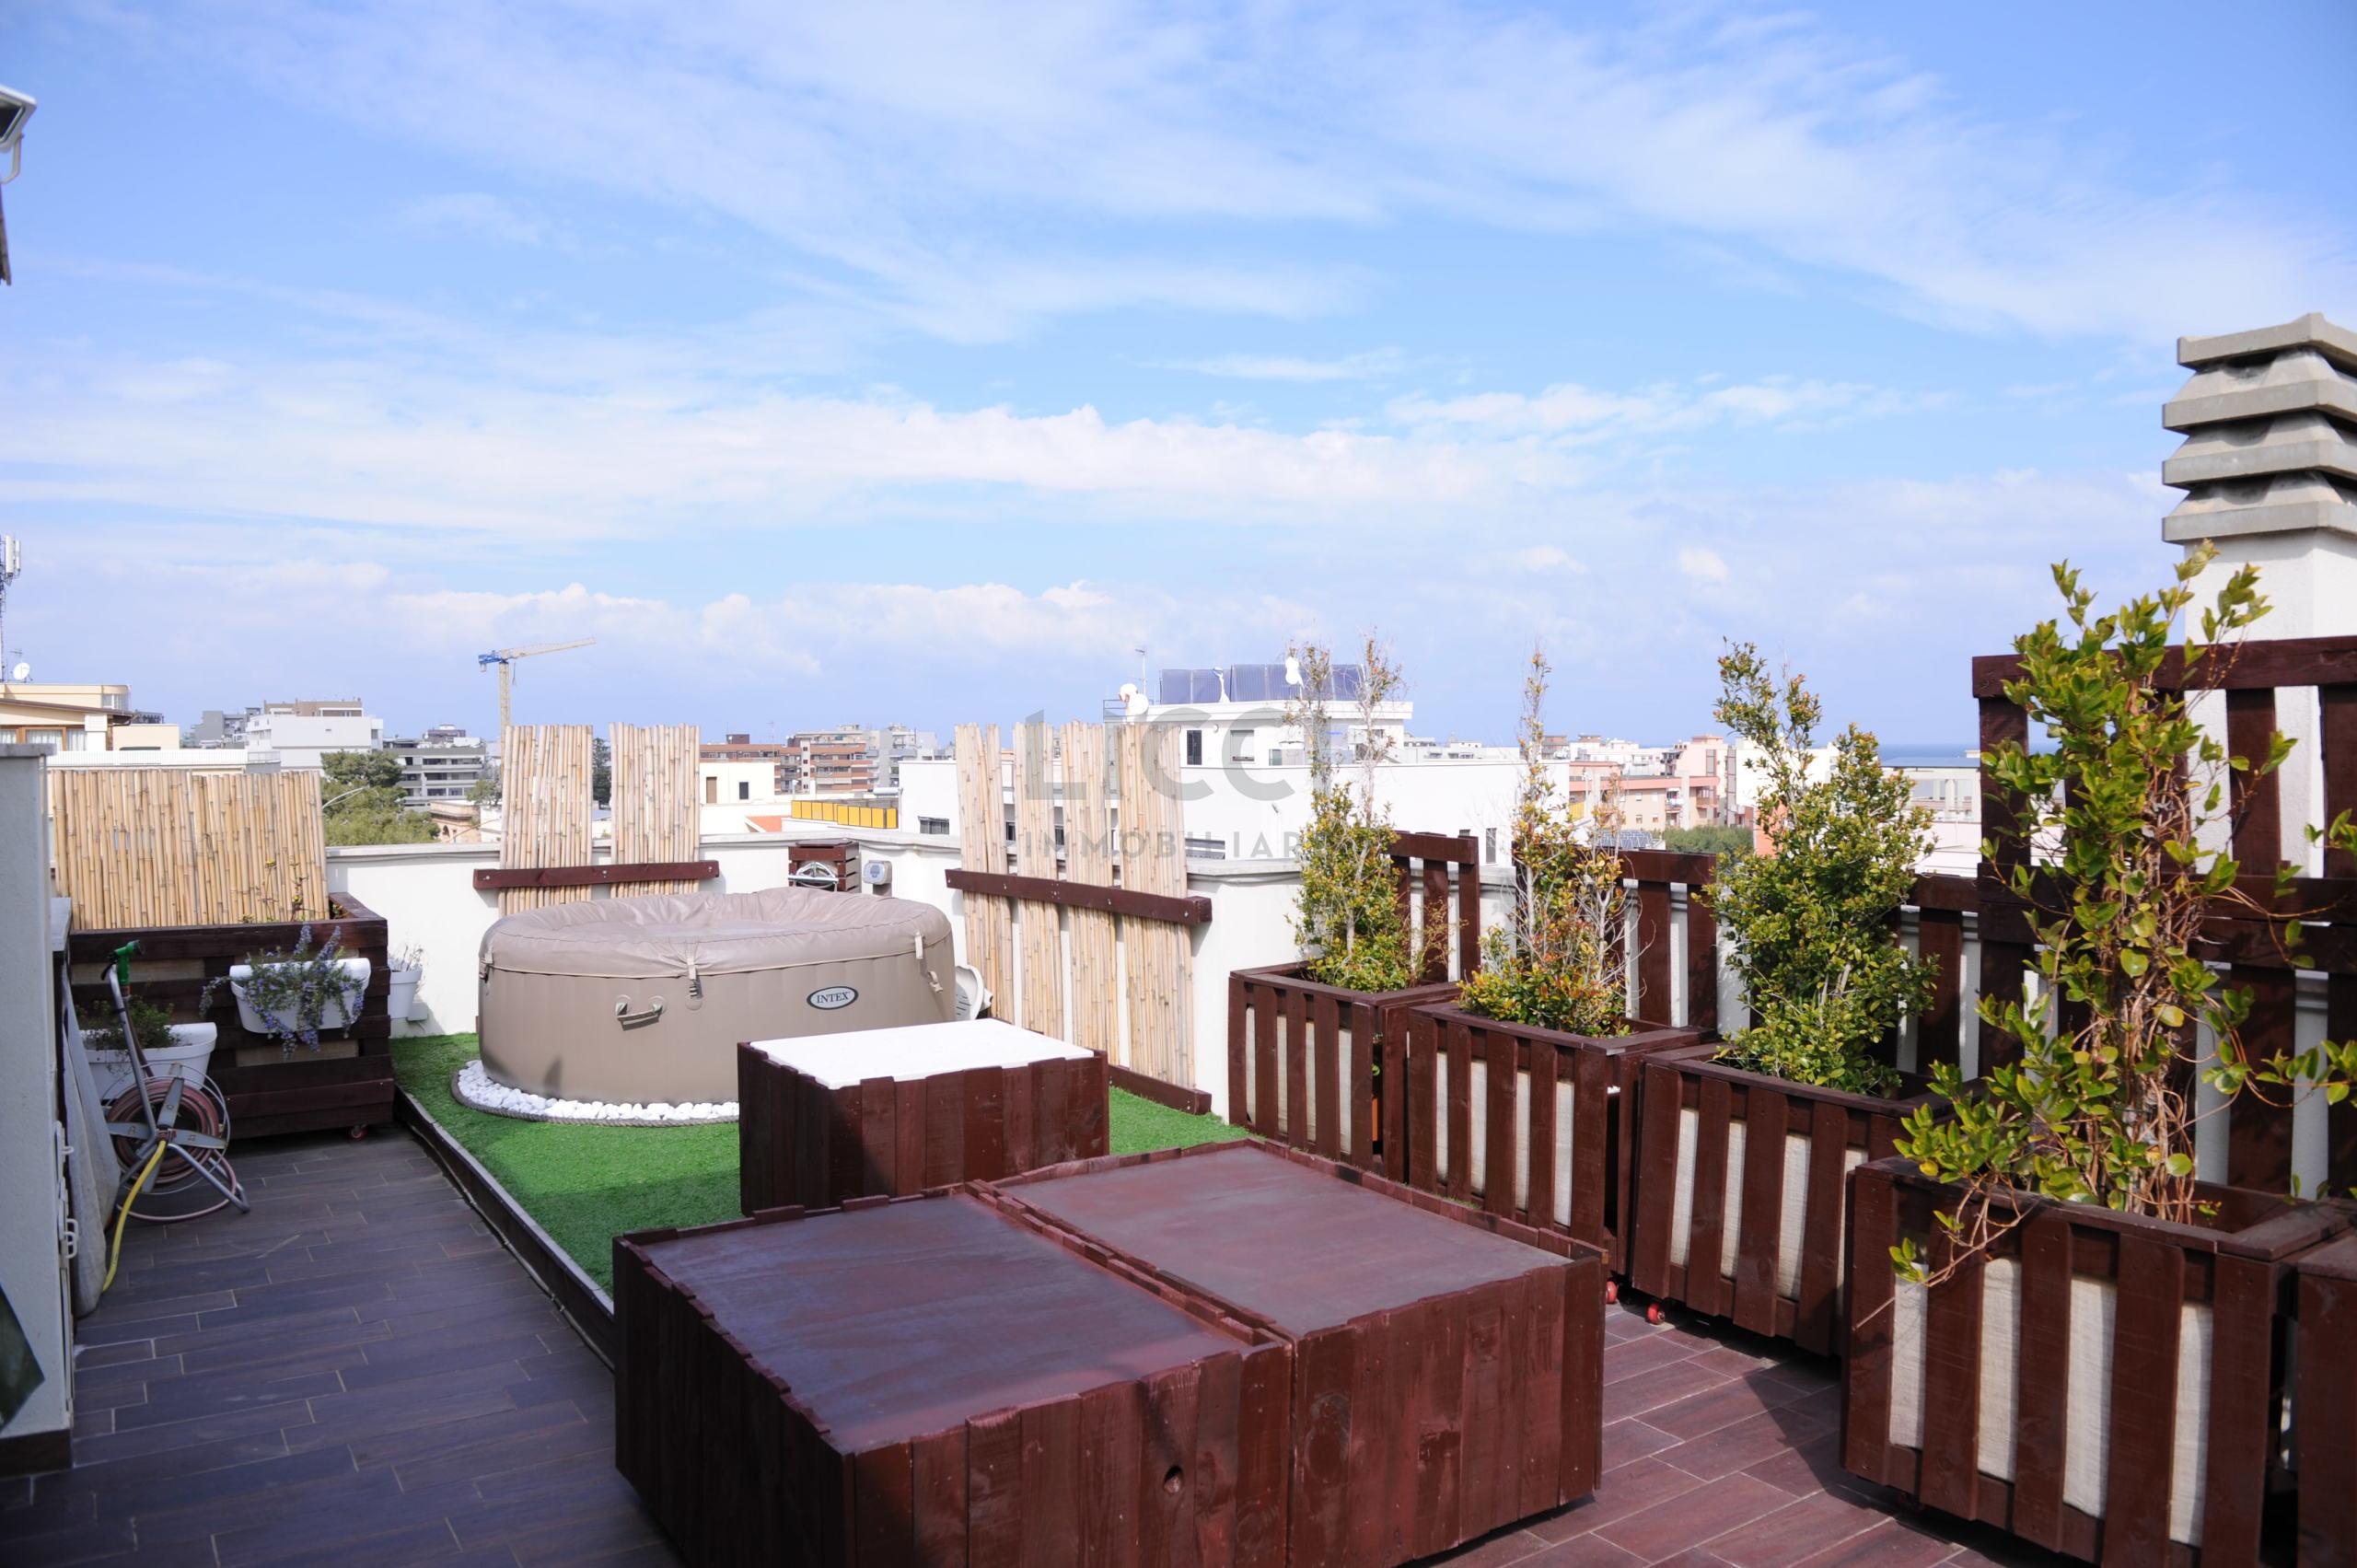 Appartamento a Monopoli Viale Aldo Moro 126, Vicinanze Mare